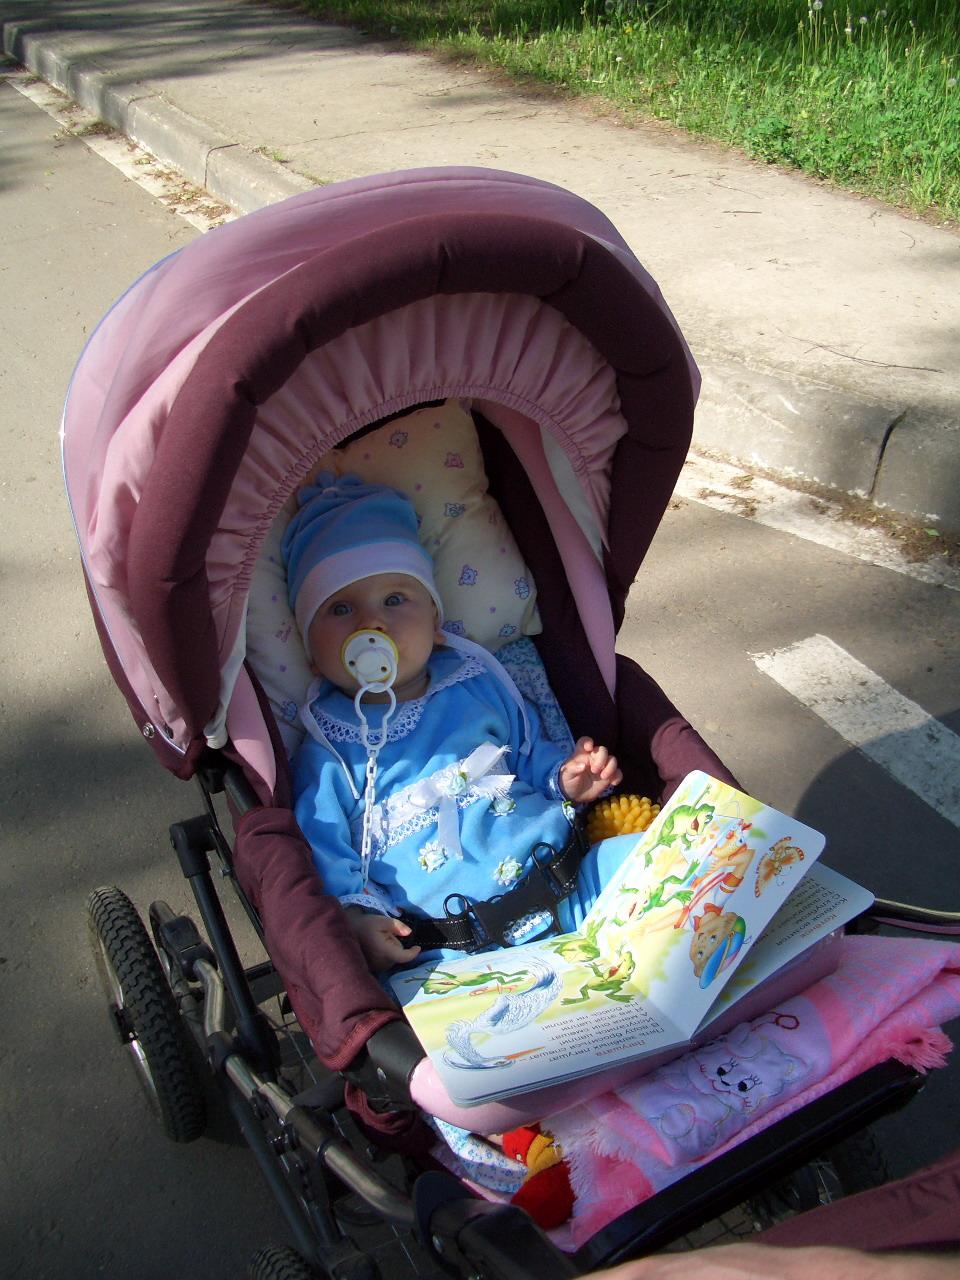 рождения картинки маленьких малышей в коляске баклосан оказывает действия